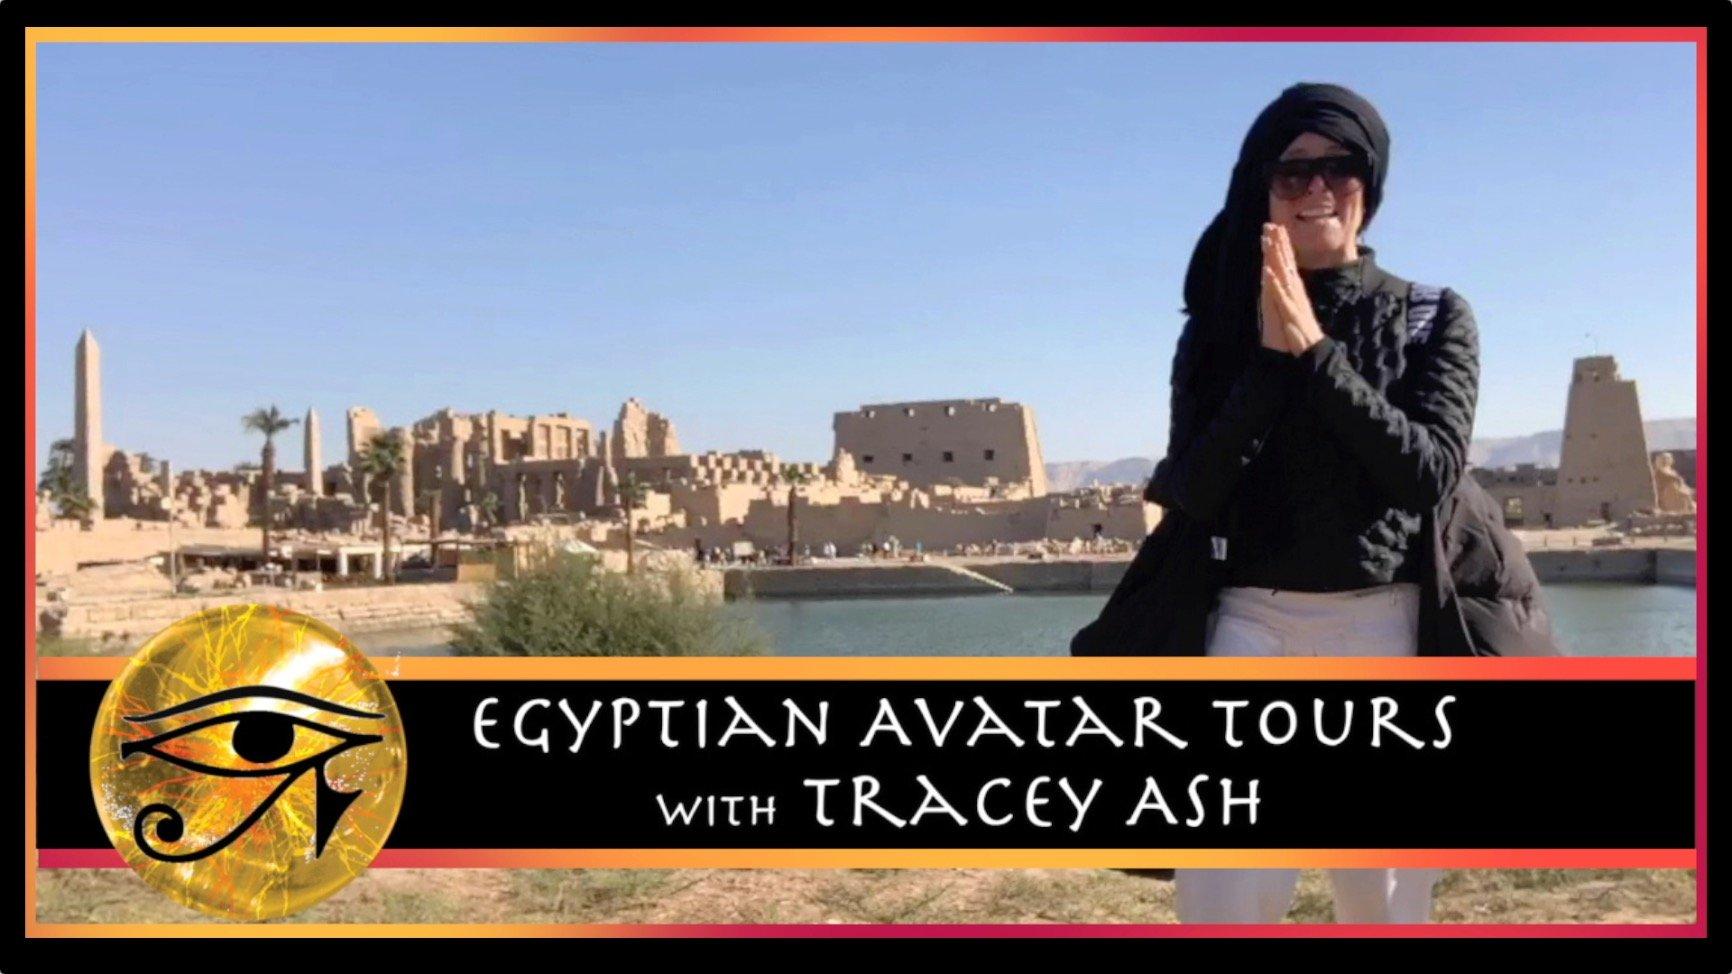 Egyptian Avatar Tours LOGO